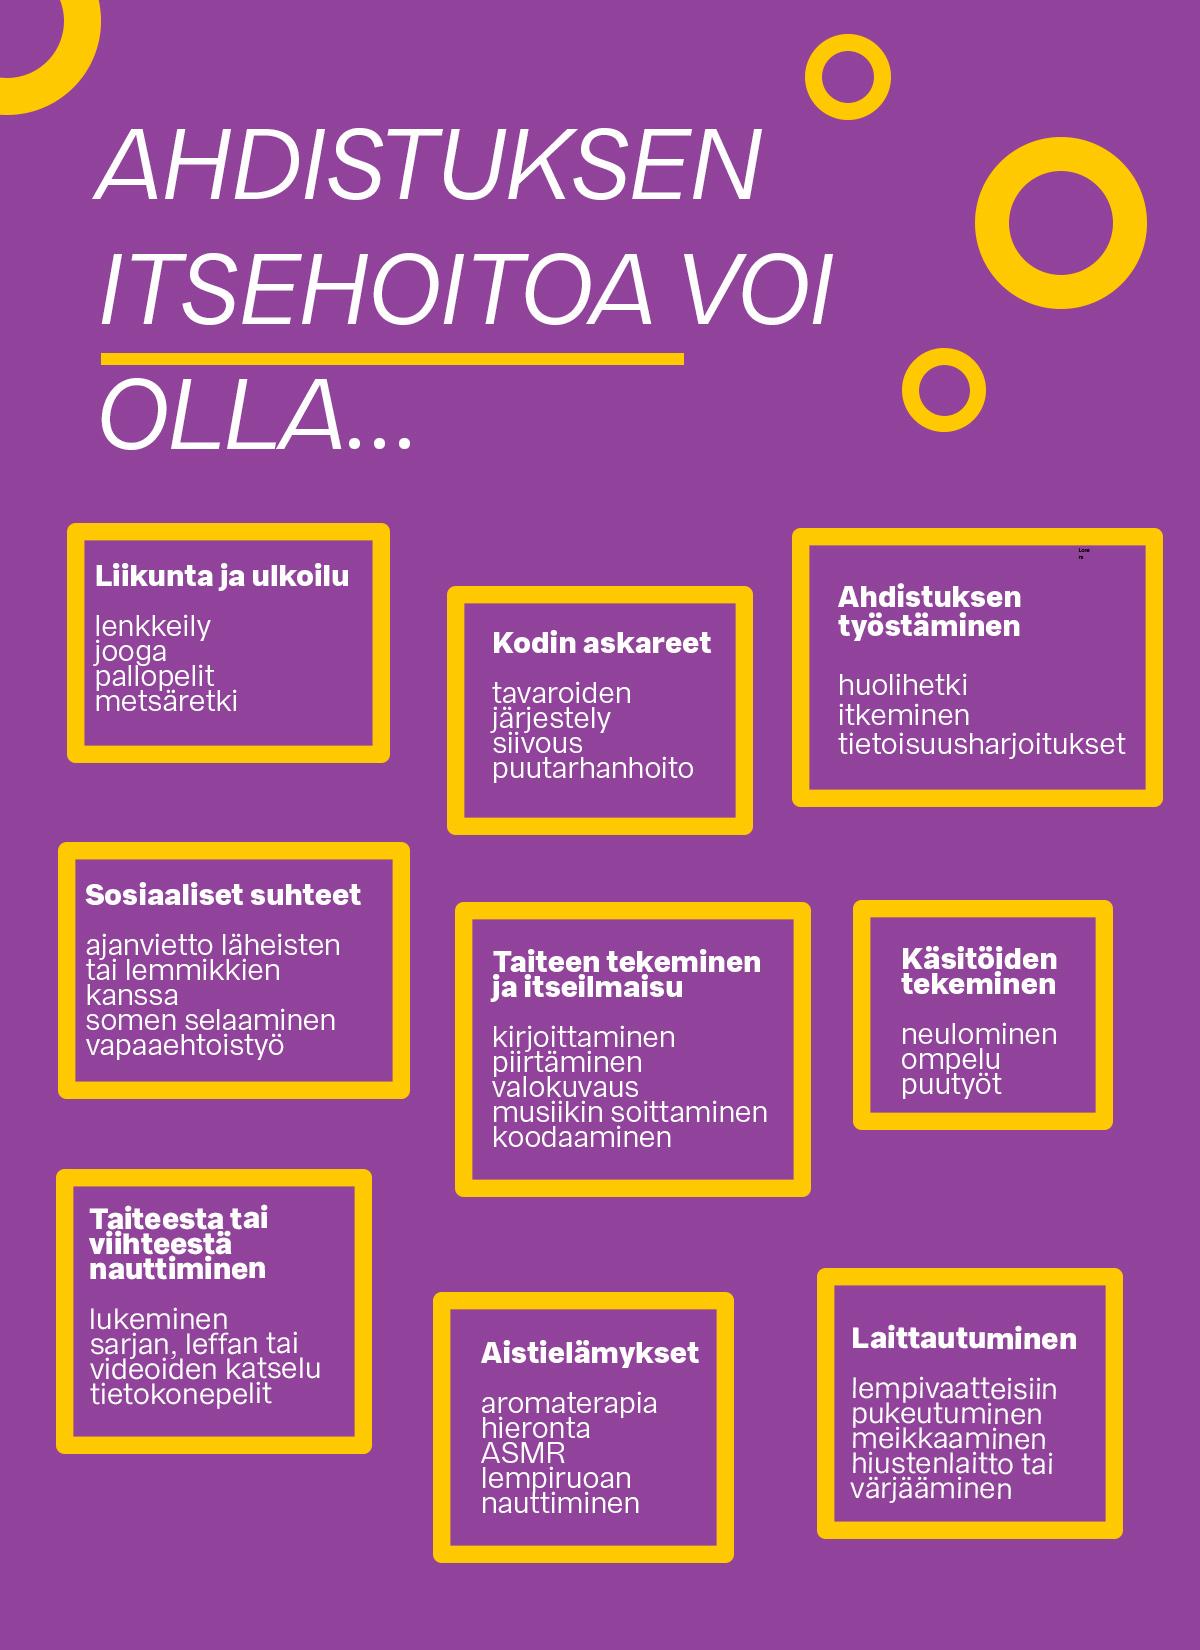 Violetilla pohjalla esimerkkejä eri tavoista hoitaa itseä, tekstimuodossa keltareunaisissa laatikoissa.. Kuvan tekstisisältö löytyy laajennettuna versiona uuteen ikkunaan avautuvasta itsehoitoharjoitteesta.